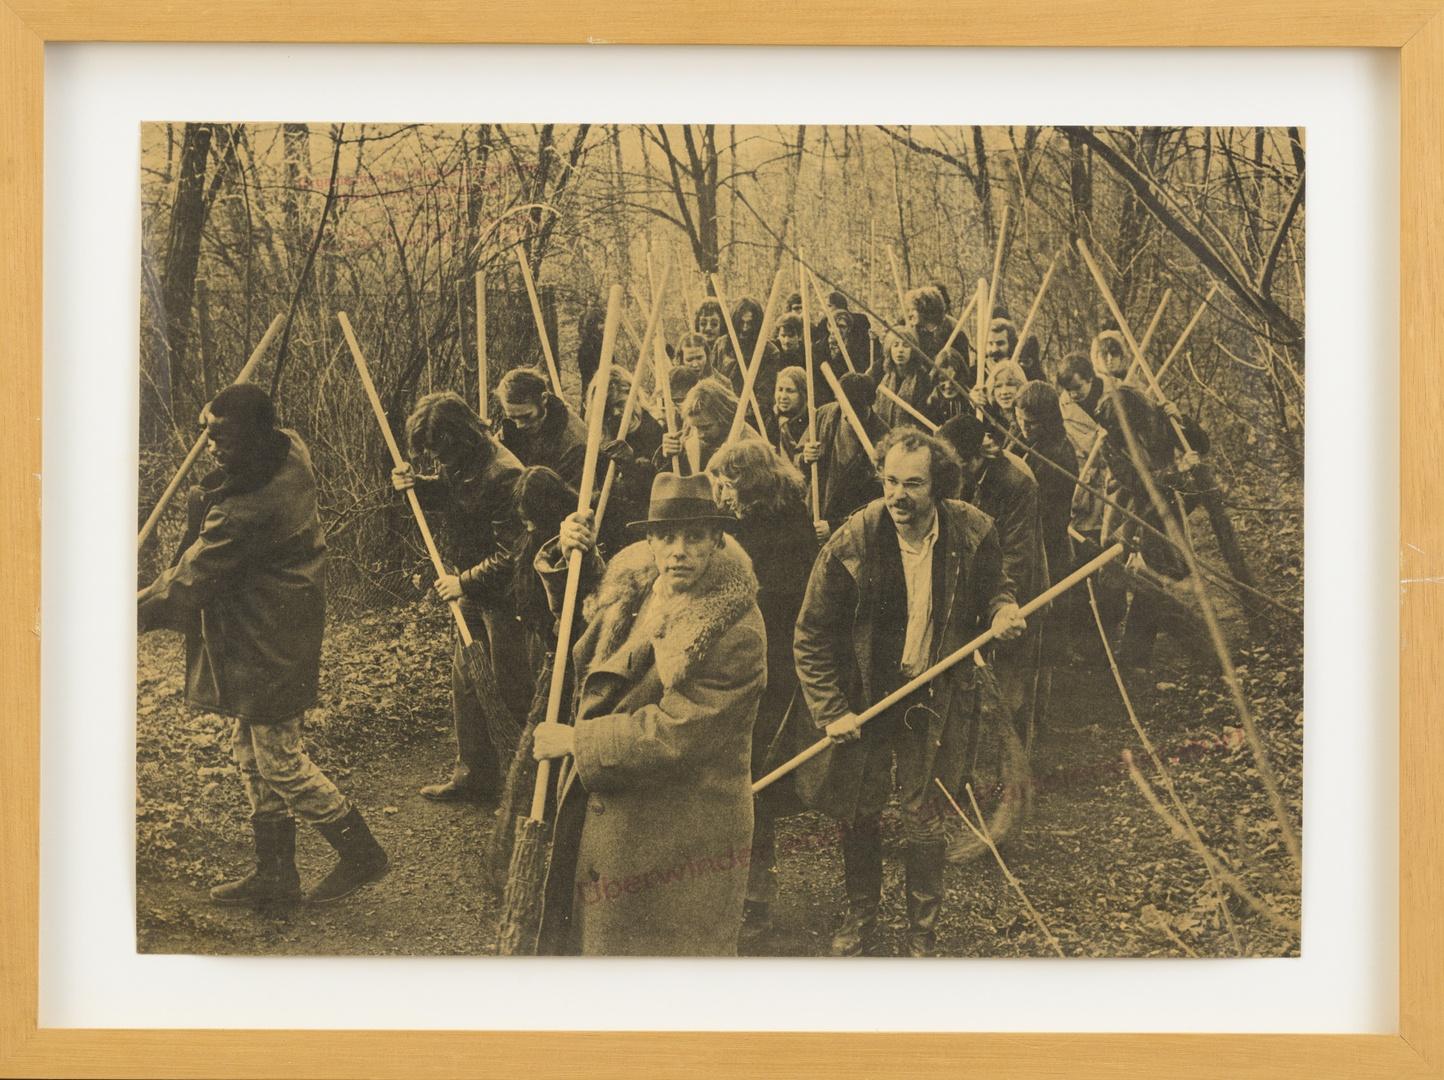 """Affiche: """"Rettet den Wald"""". (Verkleinde versie van multiple)"""